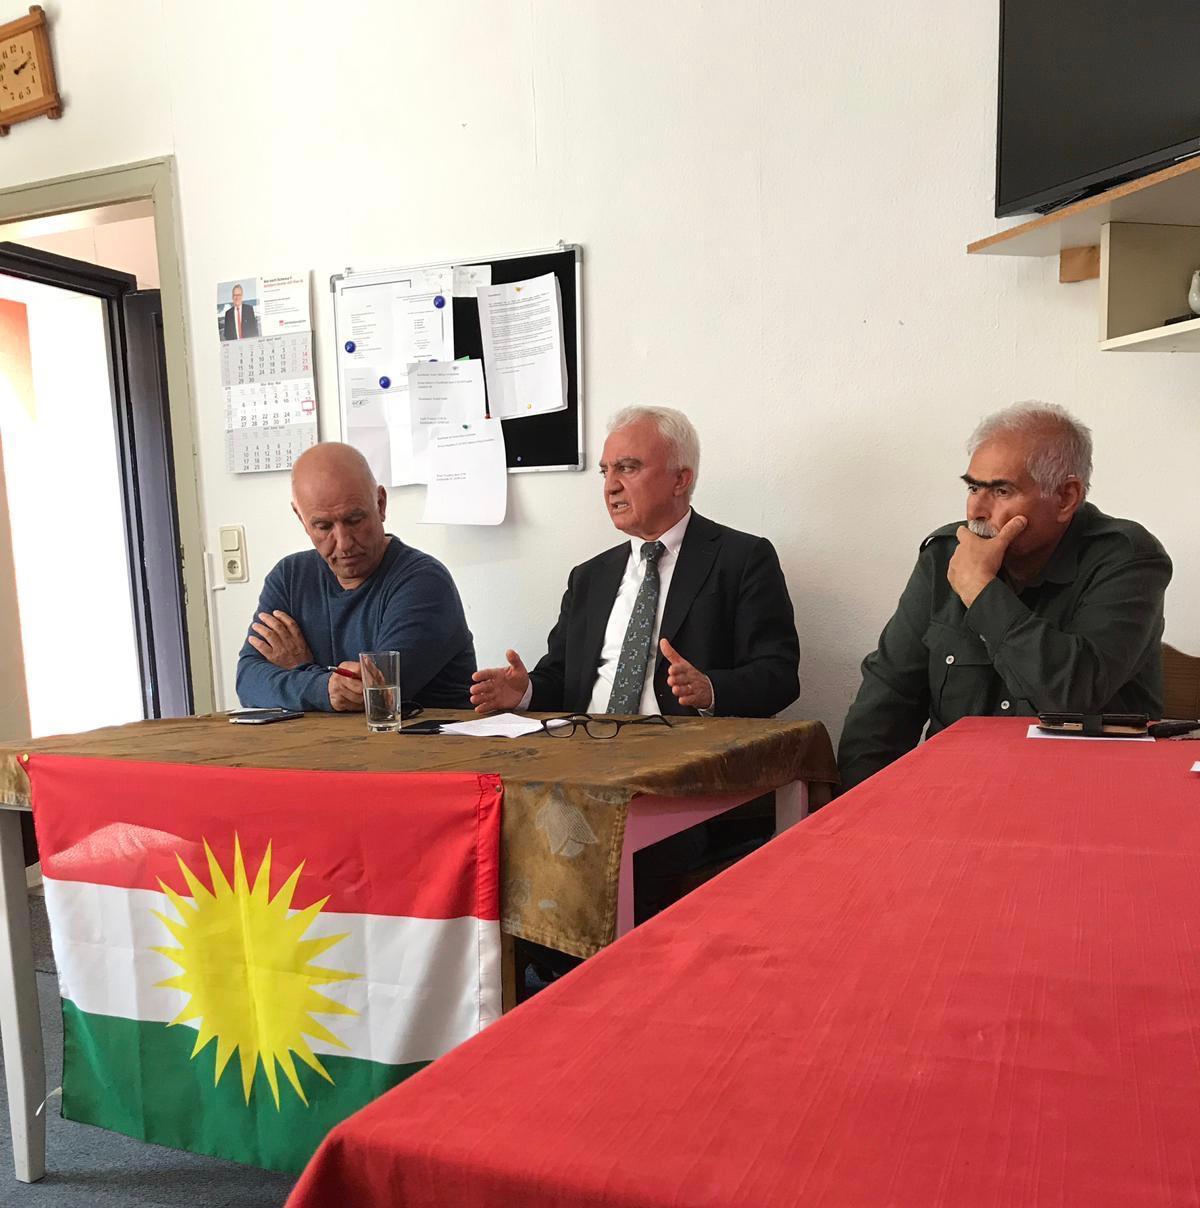 Kasım Ergün: Kürdistani partiler arasındaki ittifak önemli